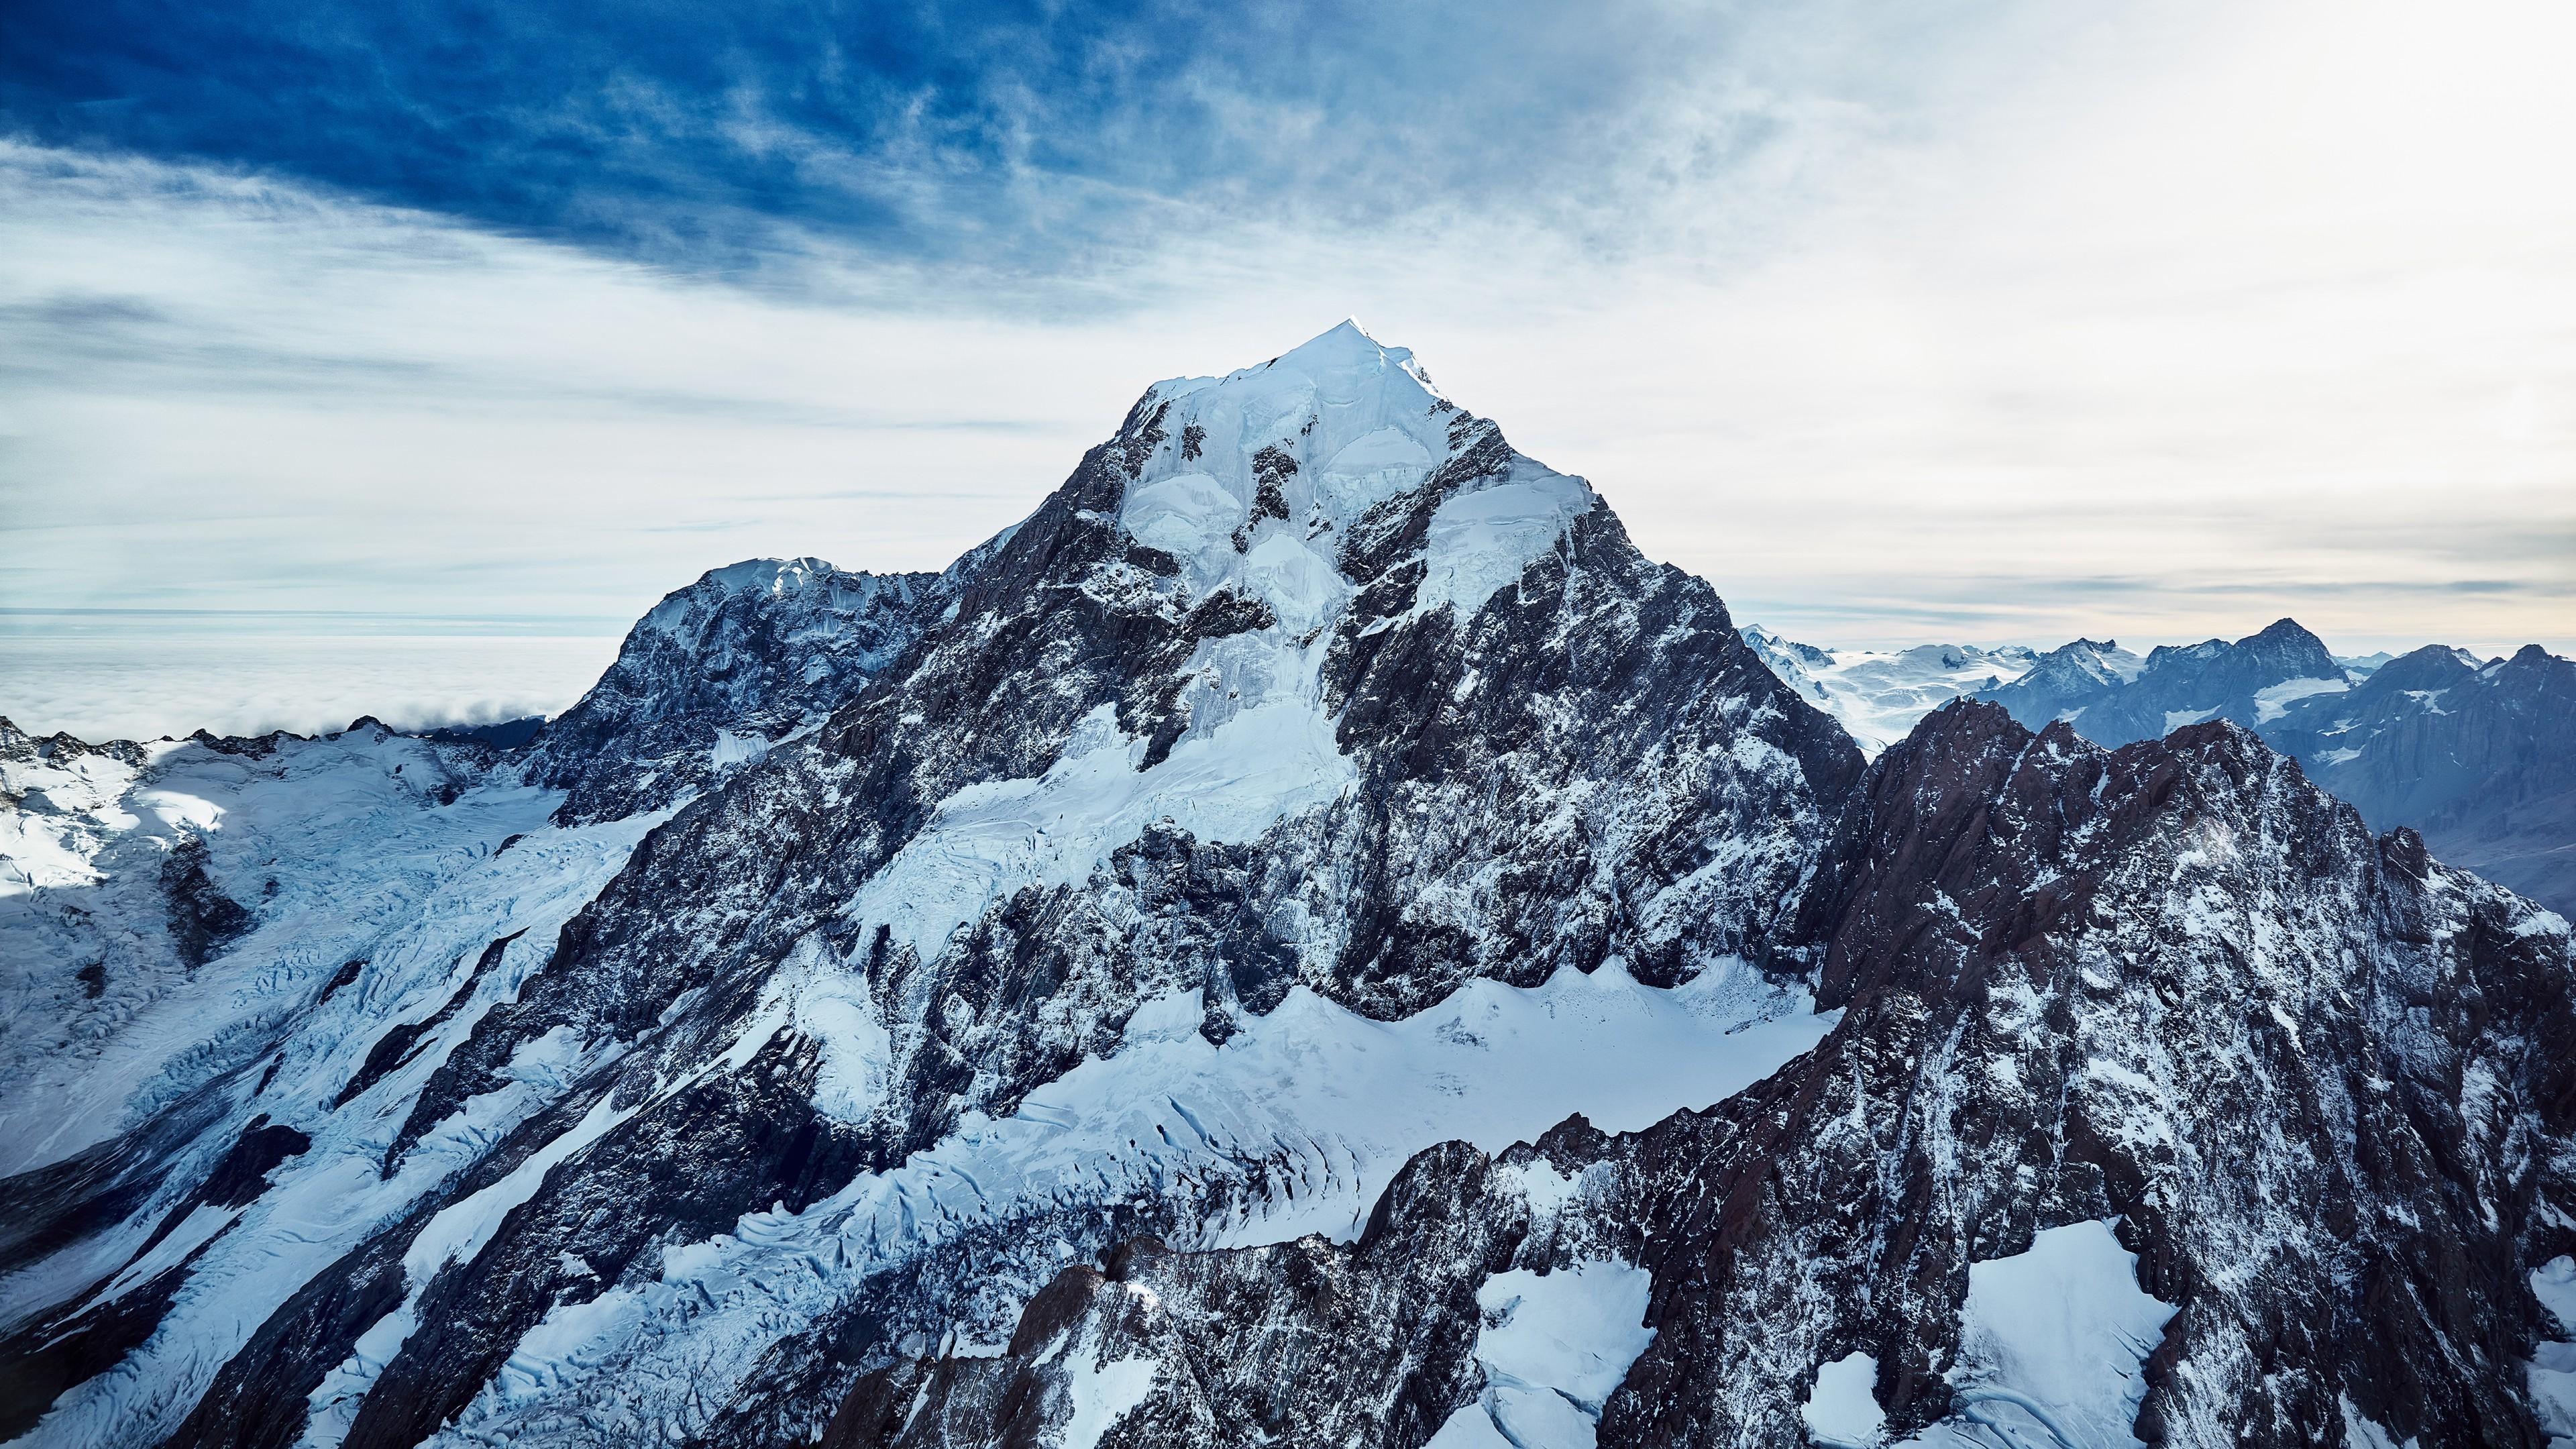 Wallpaper Nature Mountains Snow Snowy Mountain